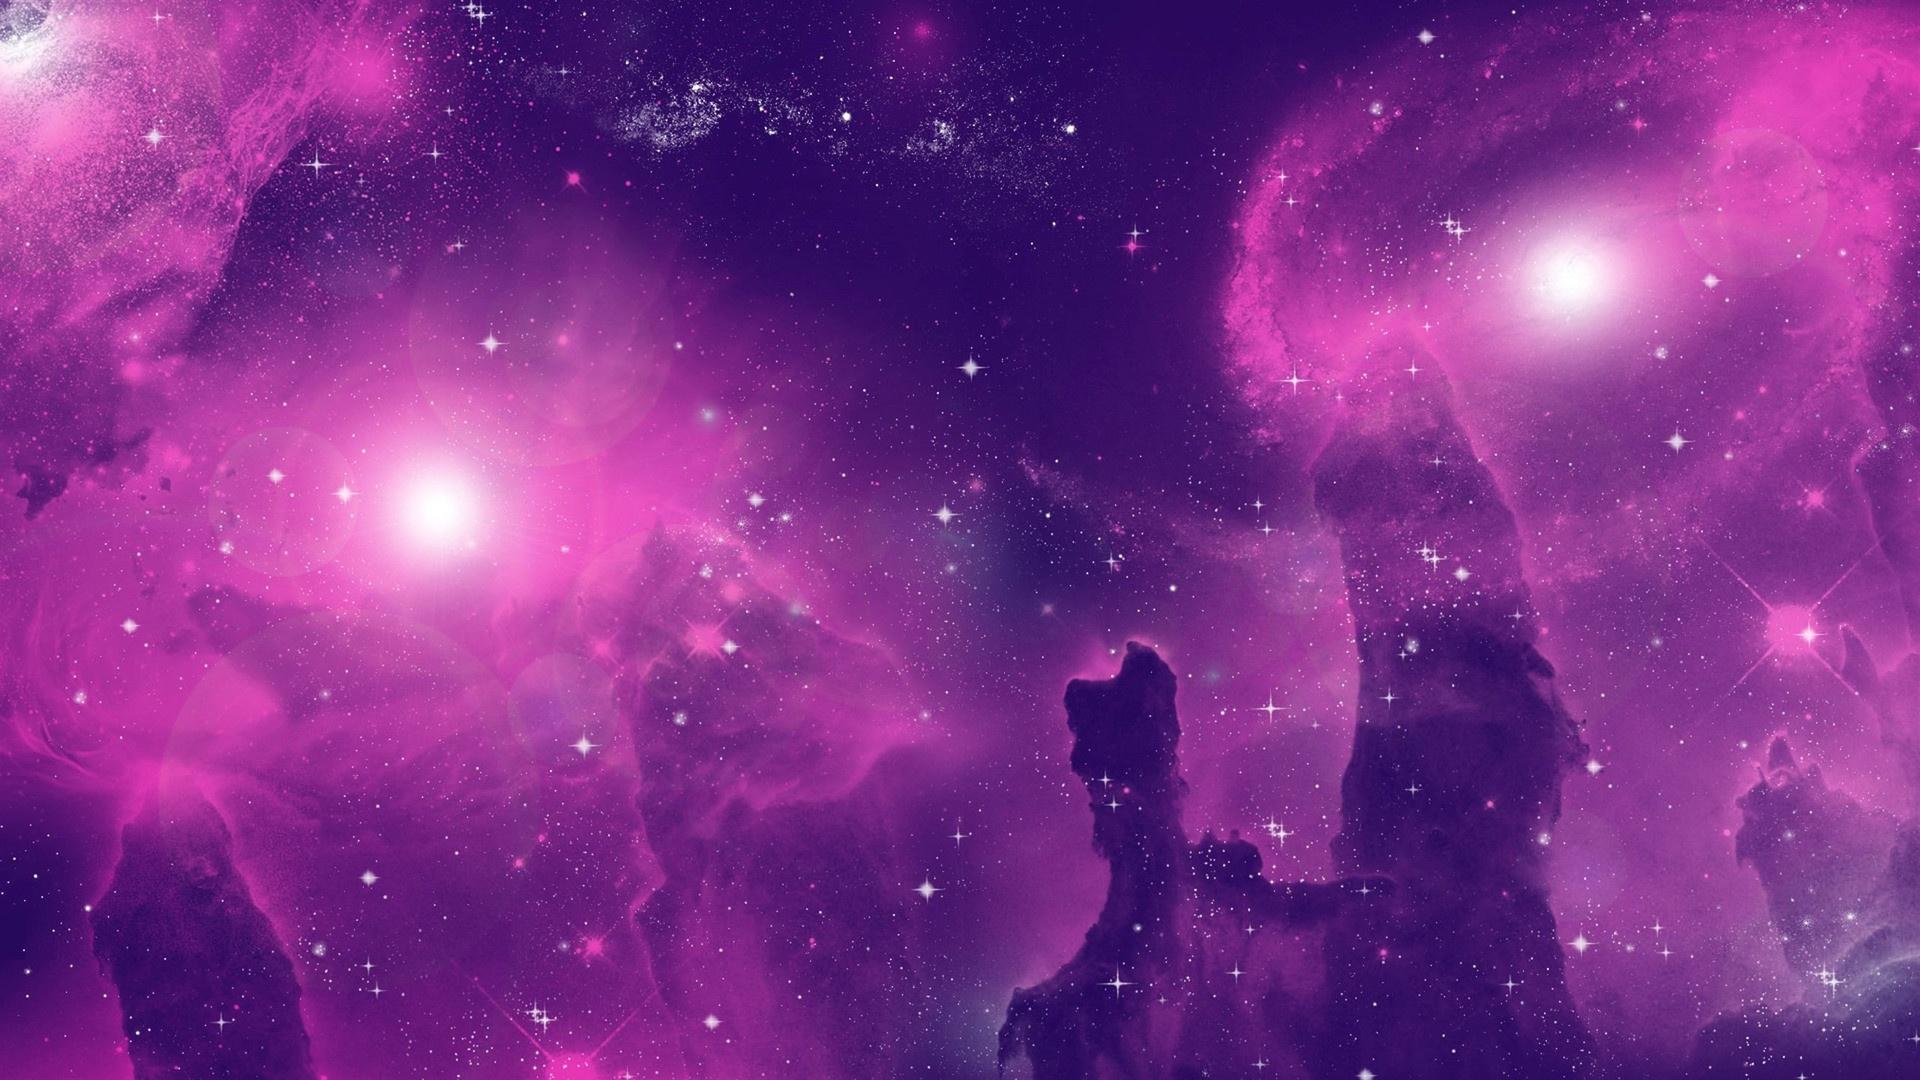 Purple Space Wallpaper theme